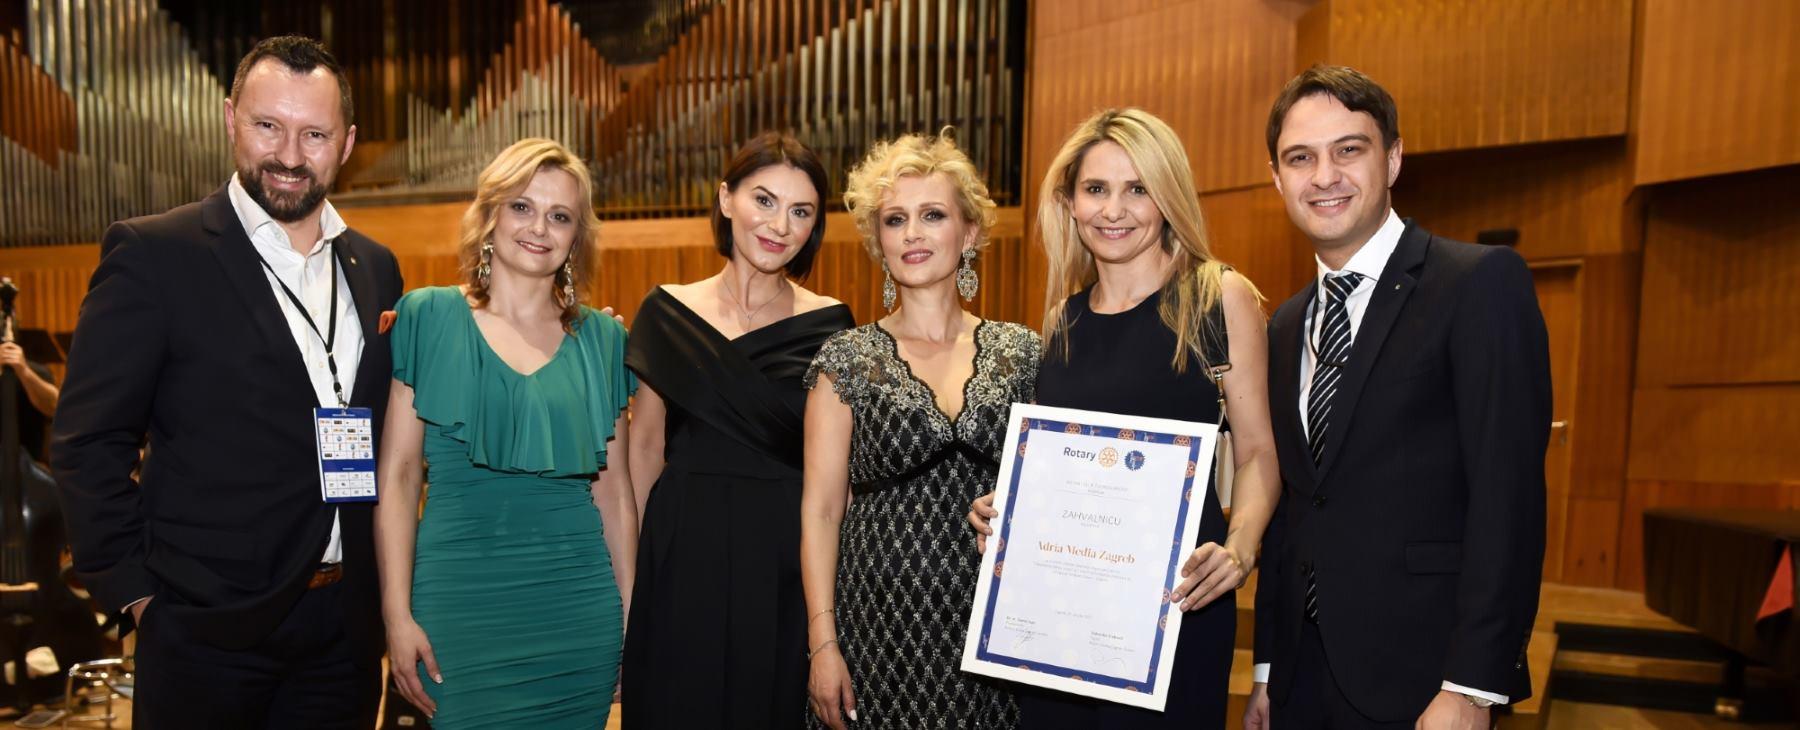 FOTO: KD LISINSKI Vanna odradila solistički koncert povodom Svijetskog dana sindroma Down